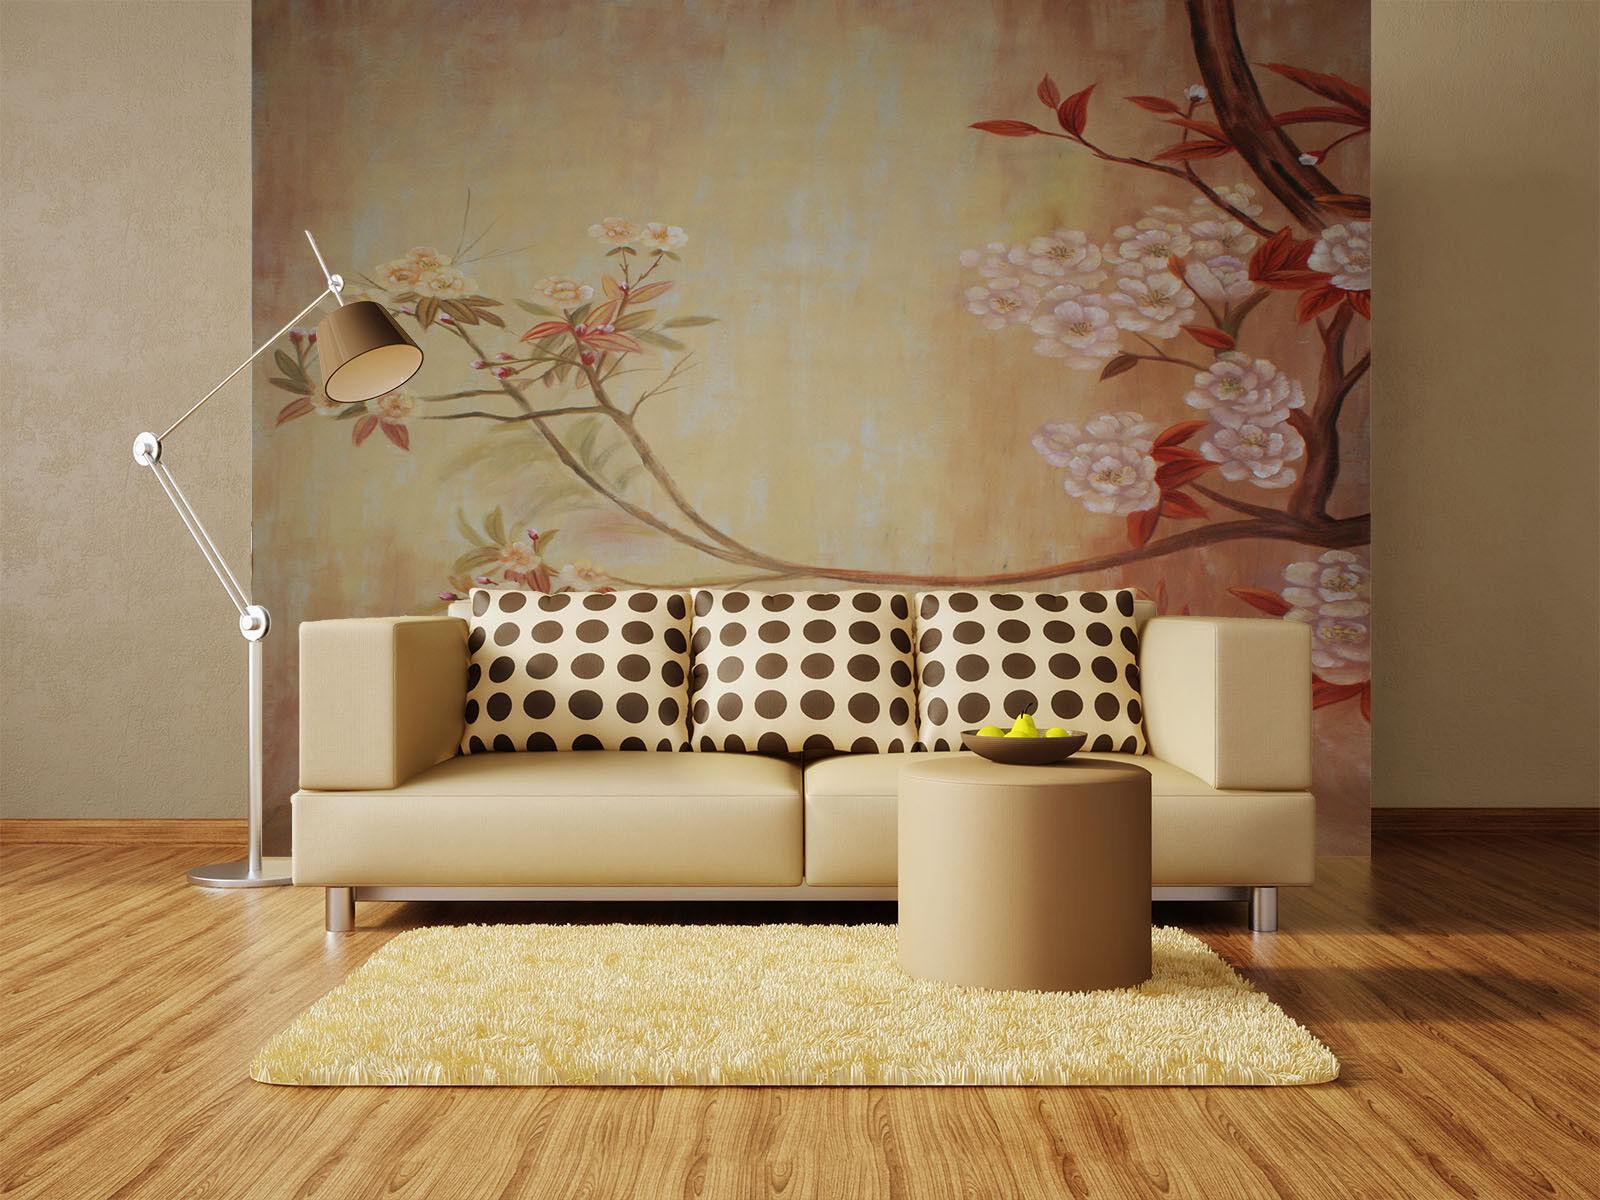 Papel Pintado Mural De Vellón Arte De Flores Clásicas 32 Paisaje Fondo Pansize